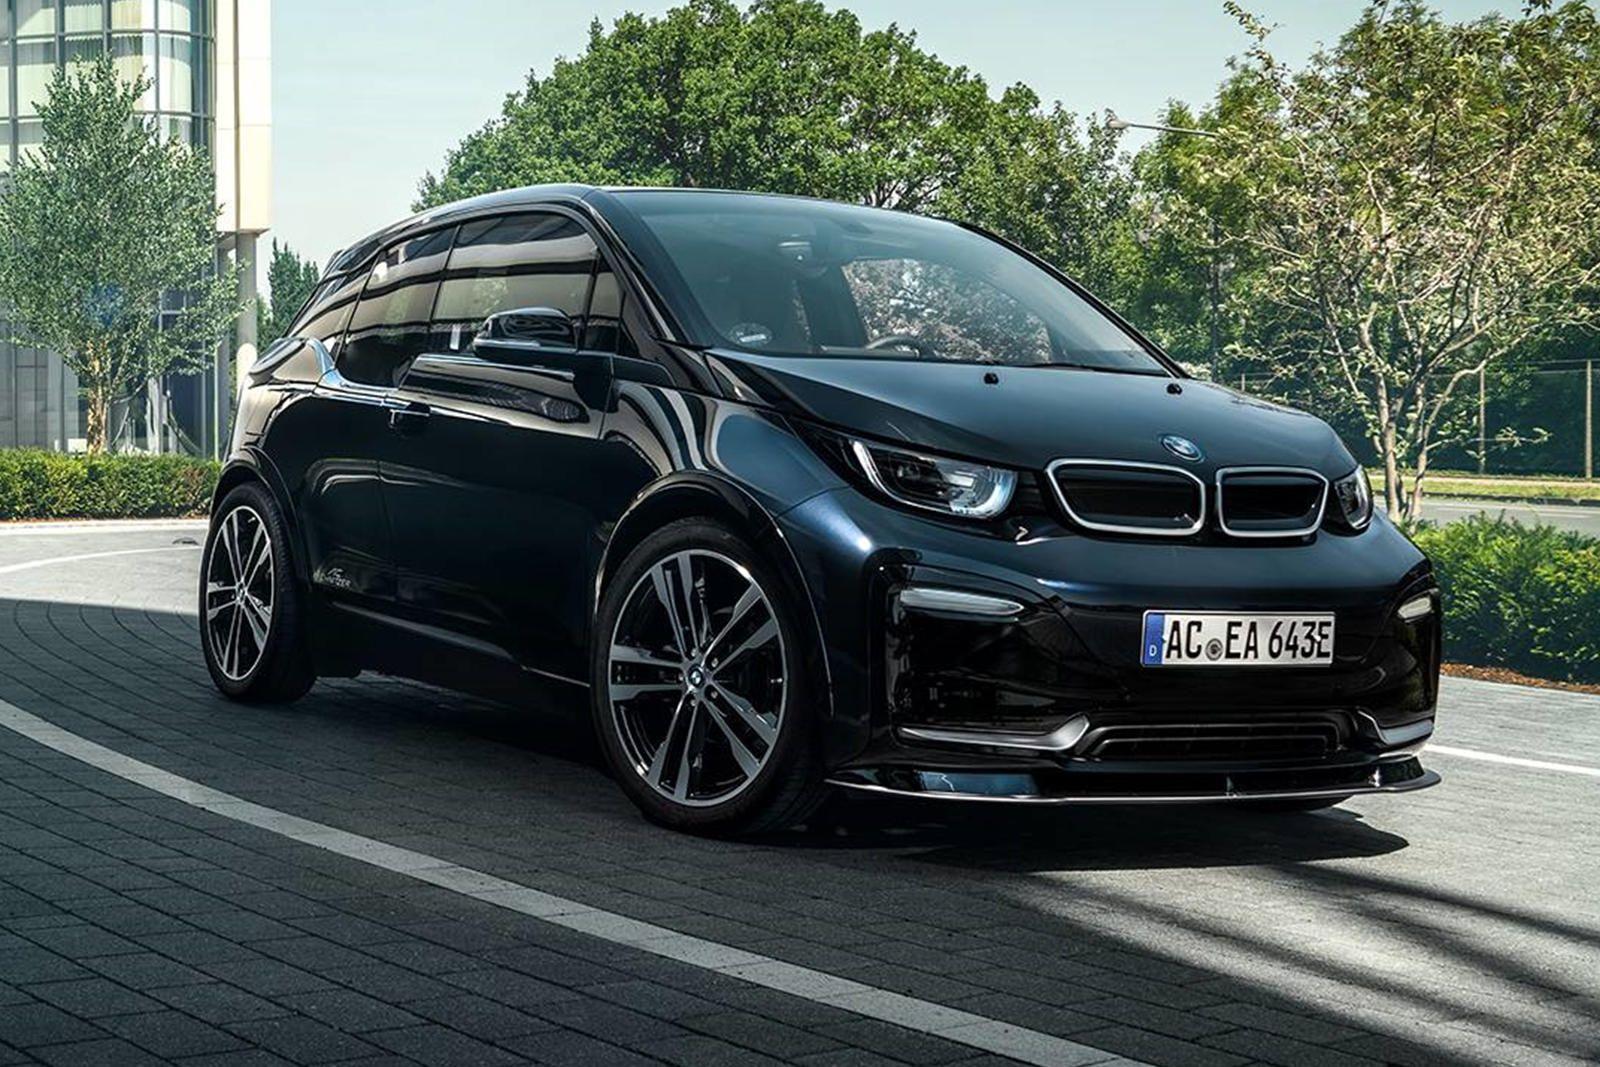 Ac Schnitzer Give Bmw I3s Sporty Appeal Bmw I3 Bmw Bmw I3 Electric